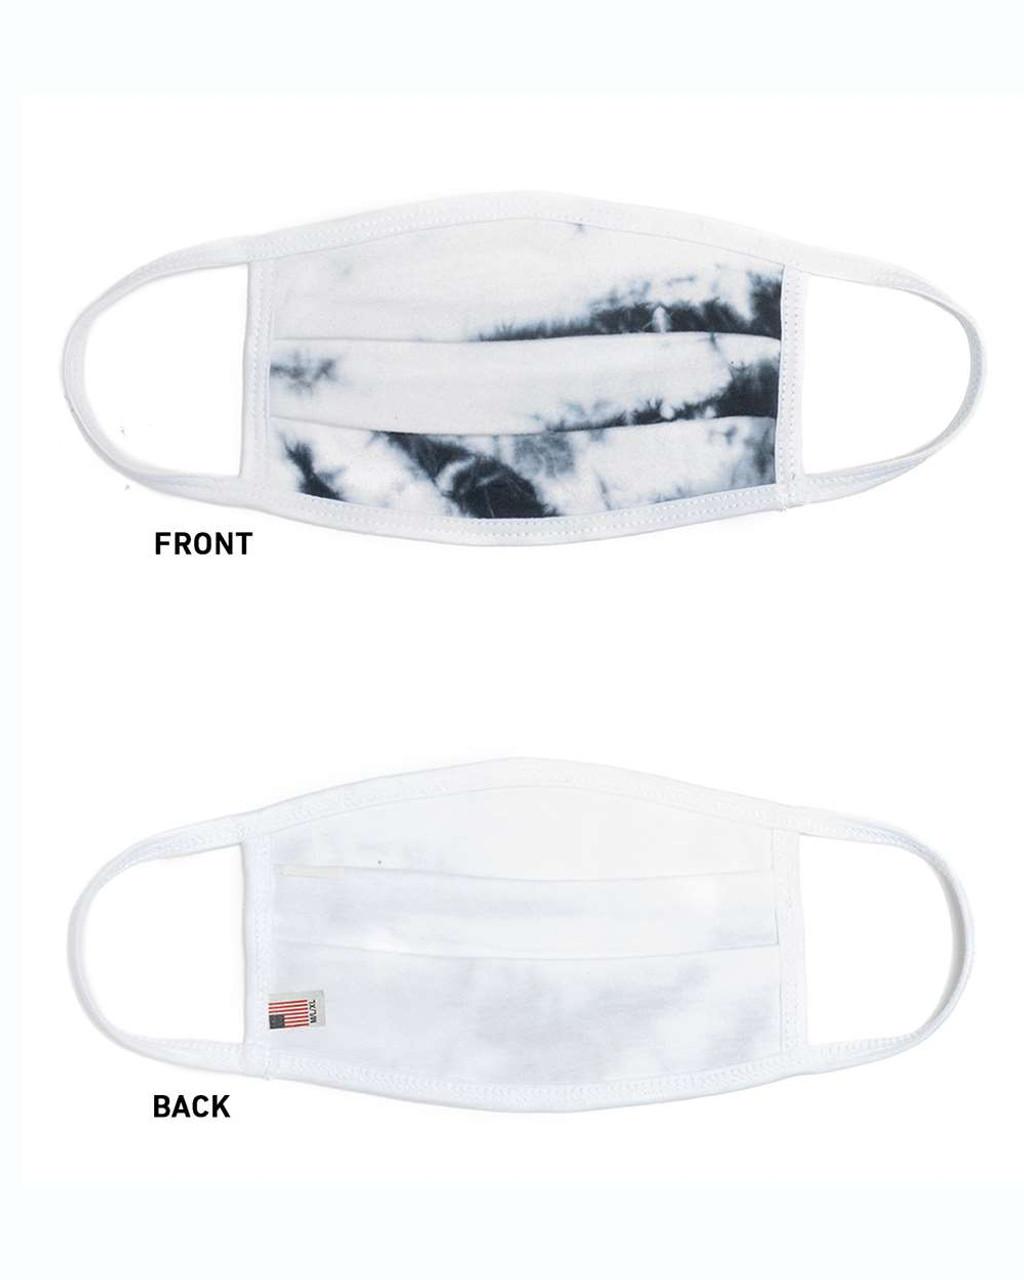 100% Cotton Face Mask